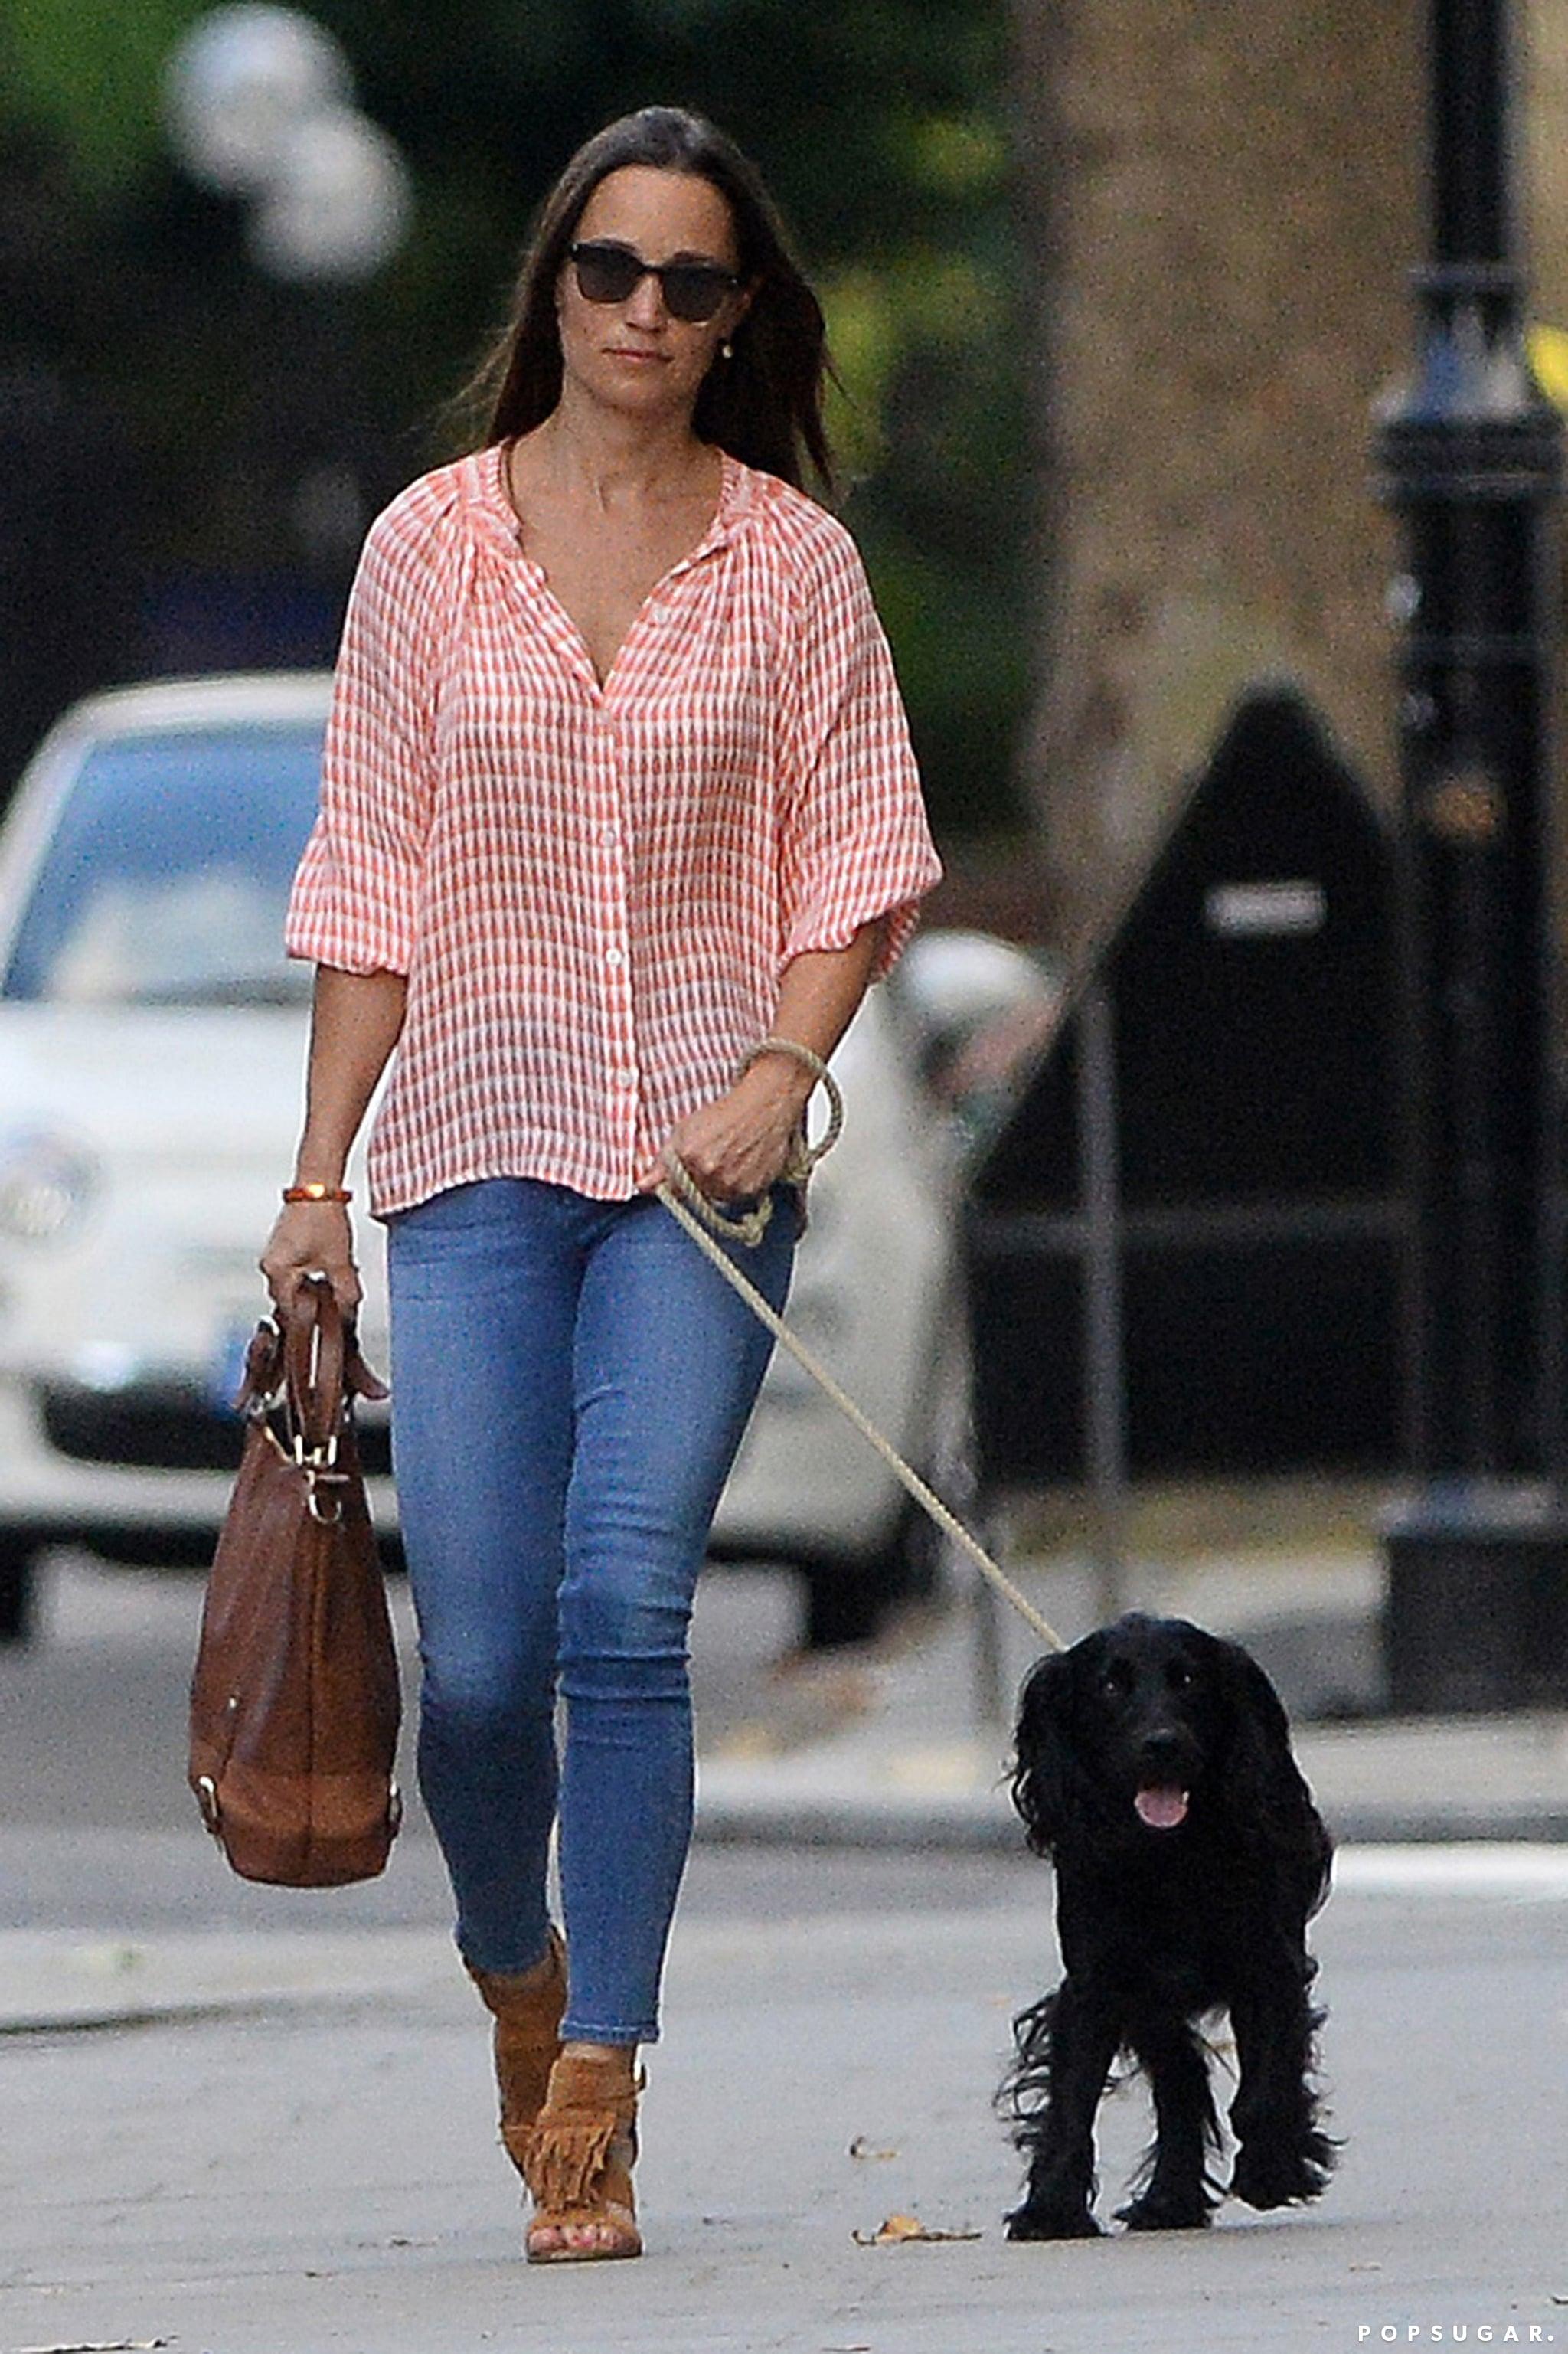 Fashion, Shopping & Style Pippa Middleton Makes.